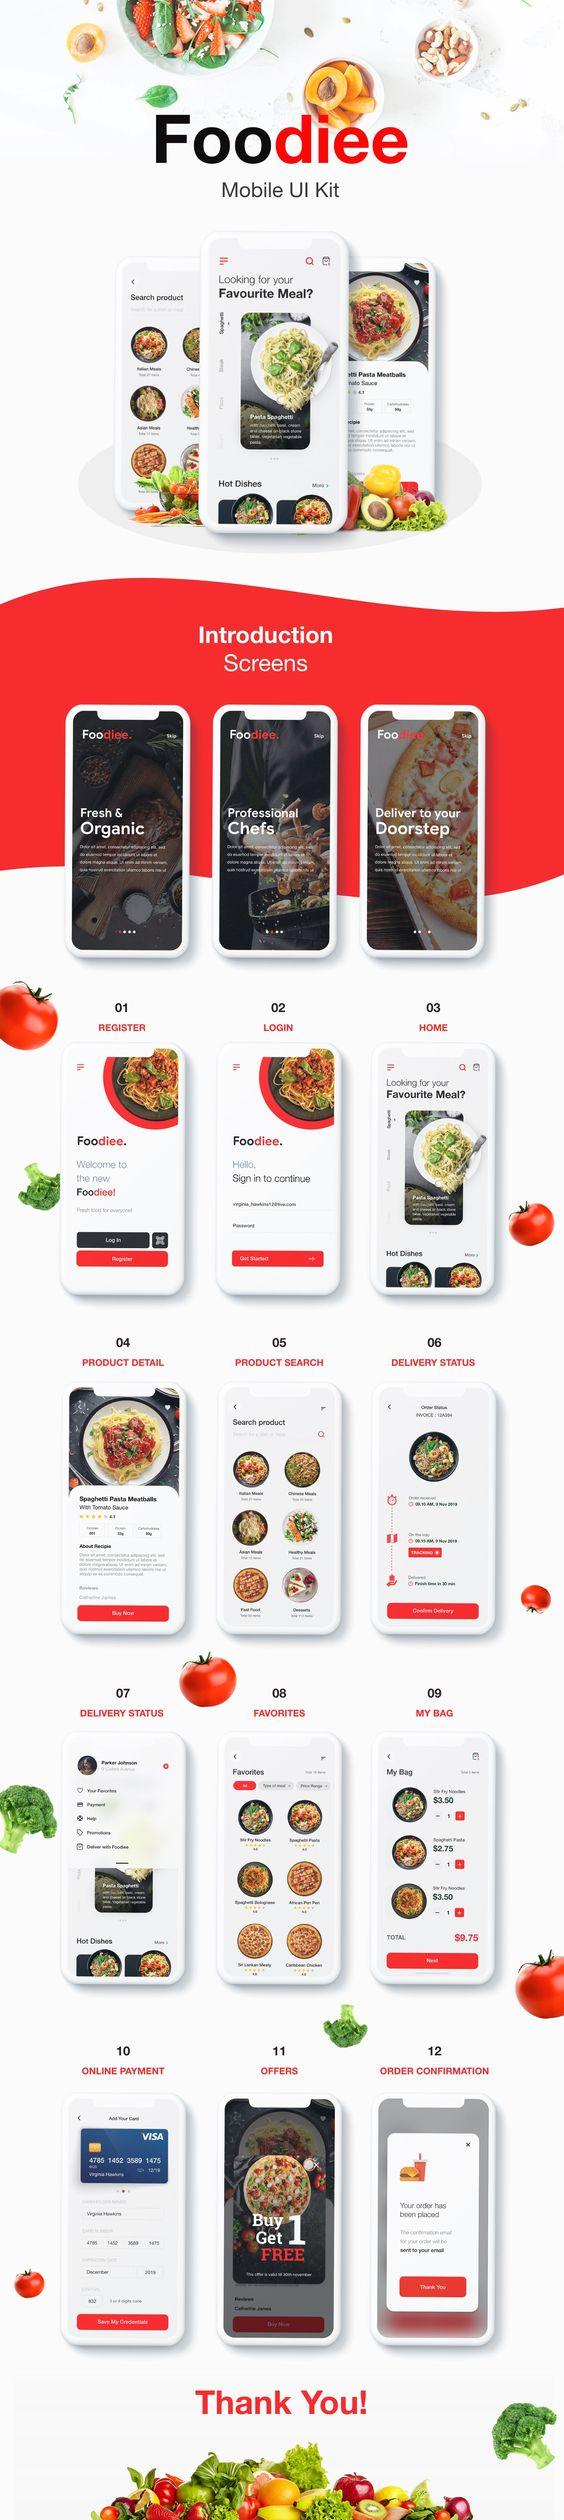 دانلود رابط کاربری برنامه موبایل آشپزی